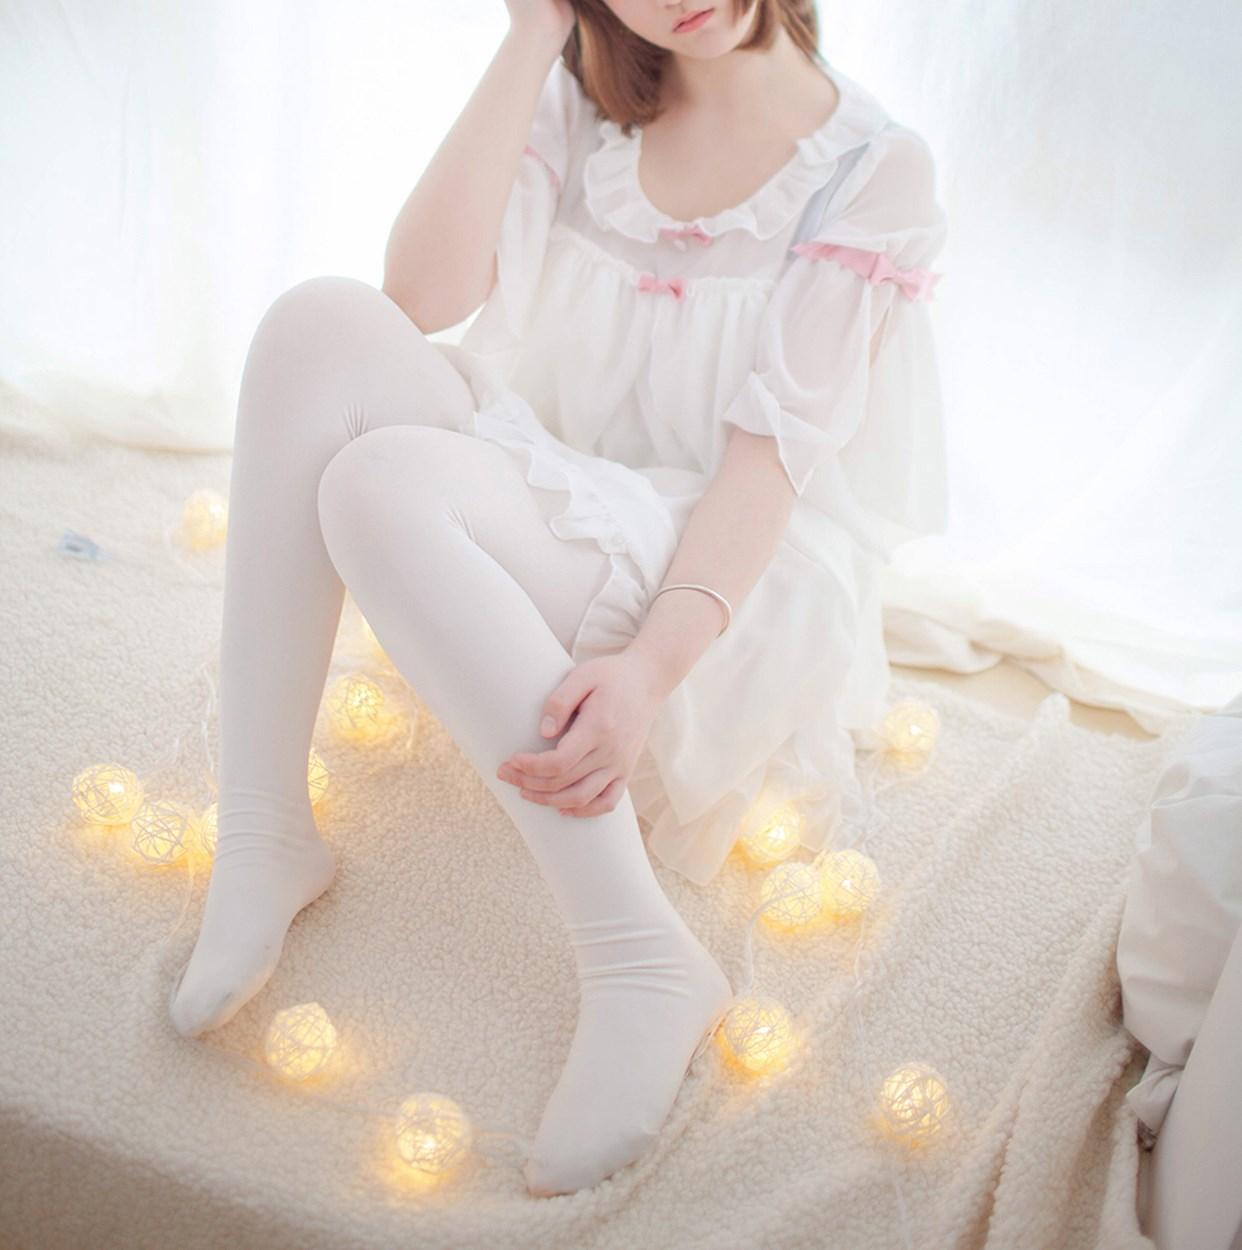 【兔玩映画】暖暖的白丝 兔玩映画 第13张